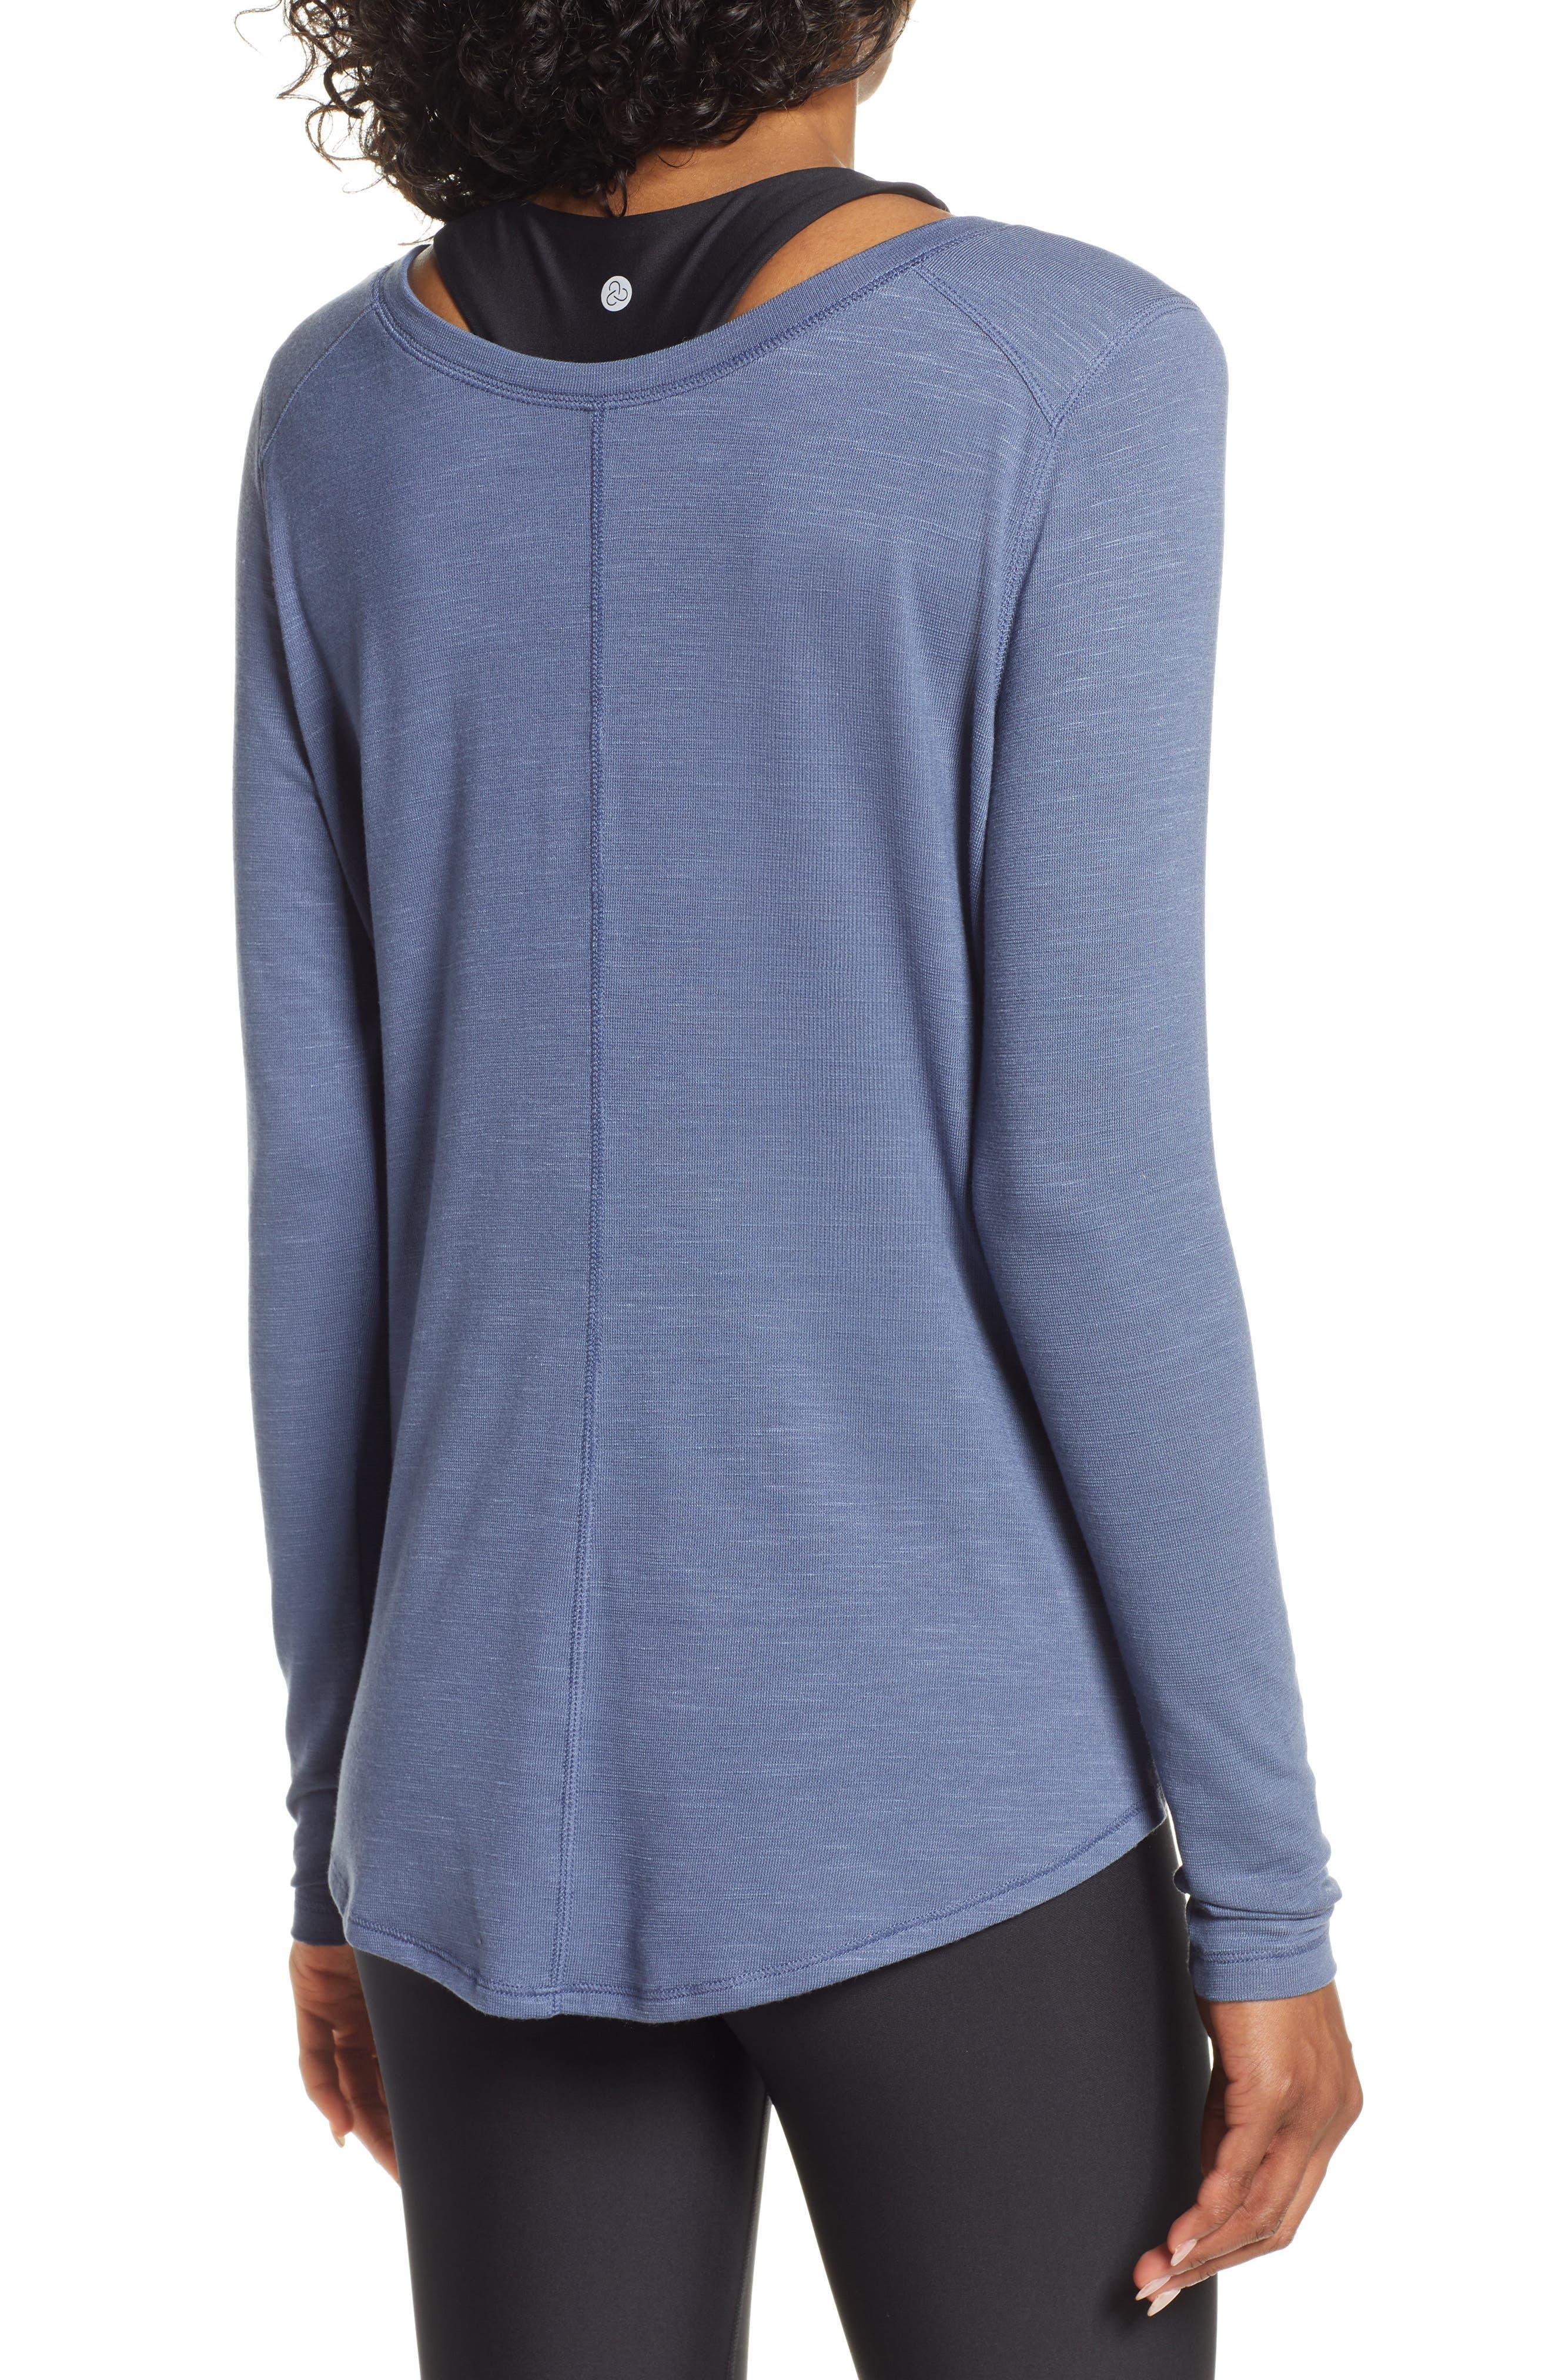 36d384bb73c Zella Activewear for Women